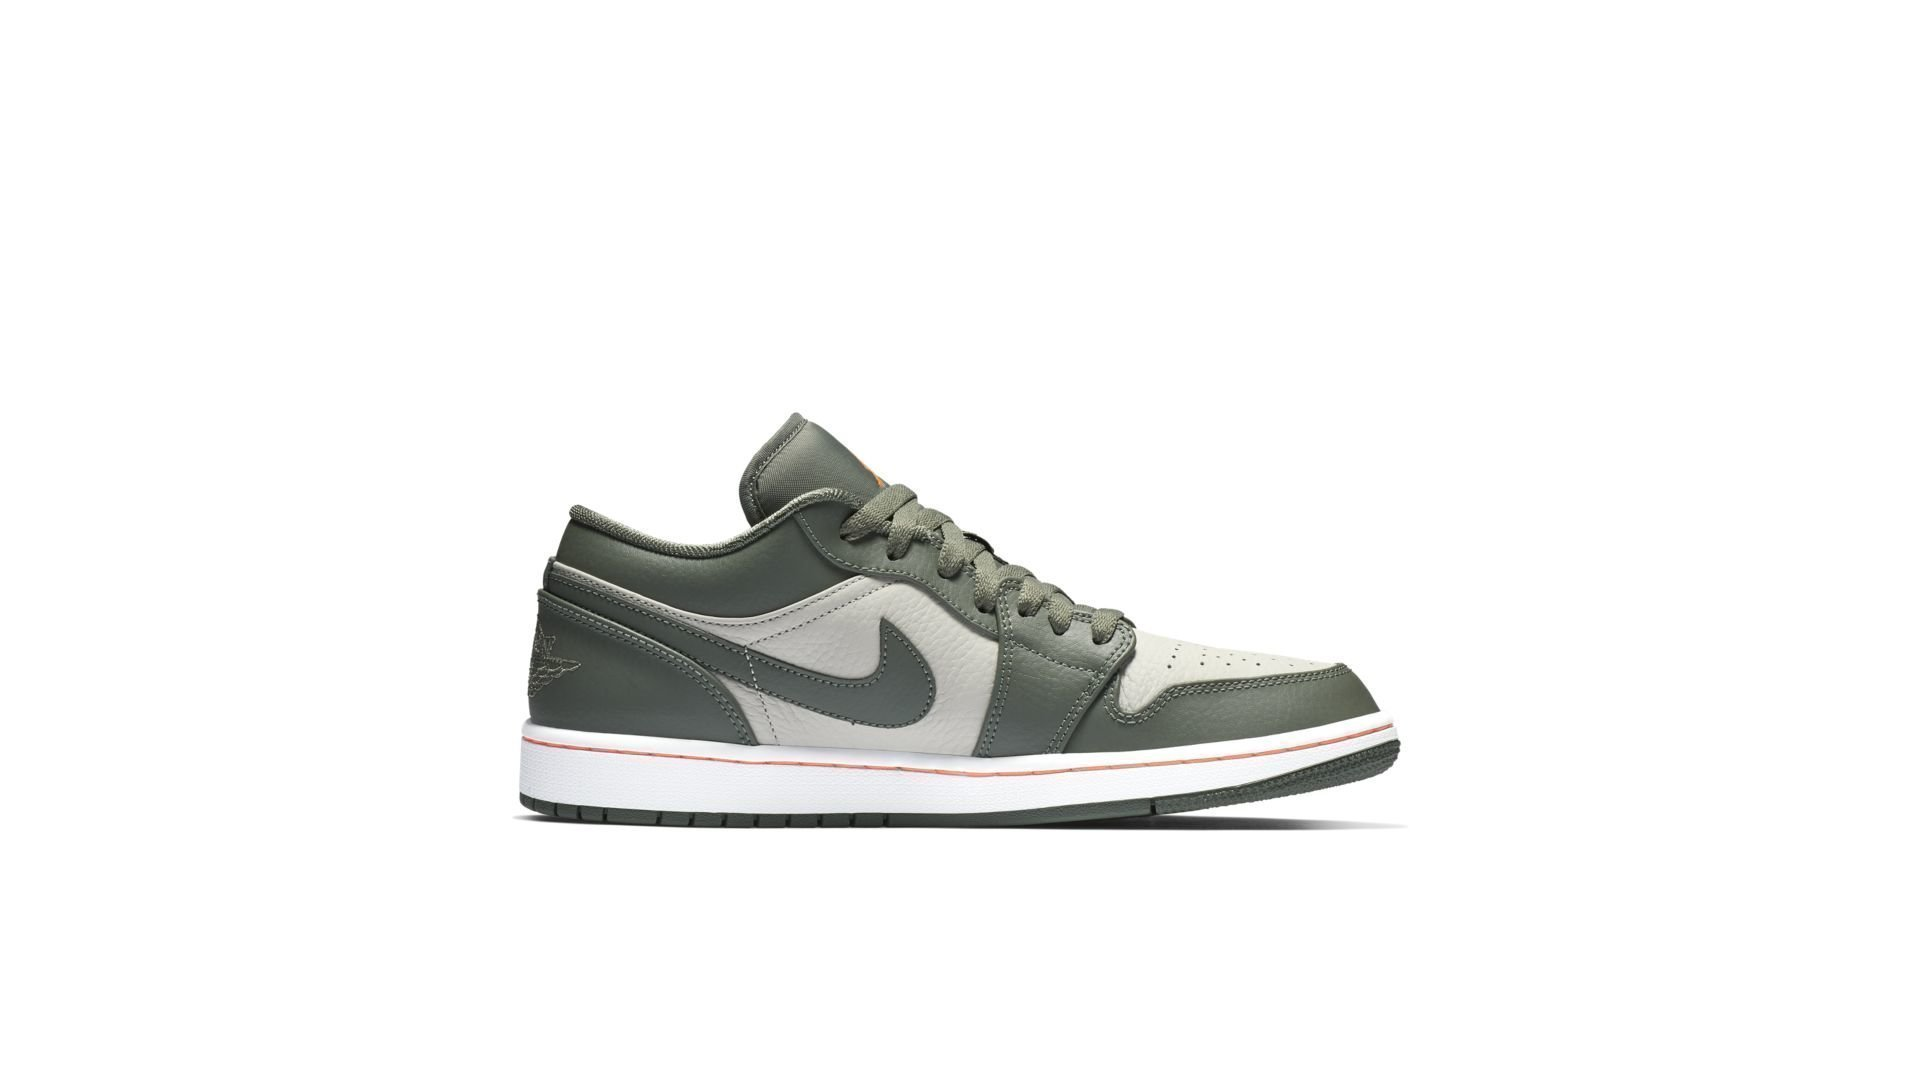 Jordan 1 Low Military Green (553558-121)